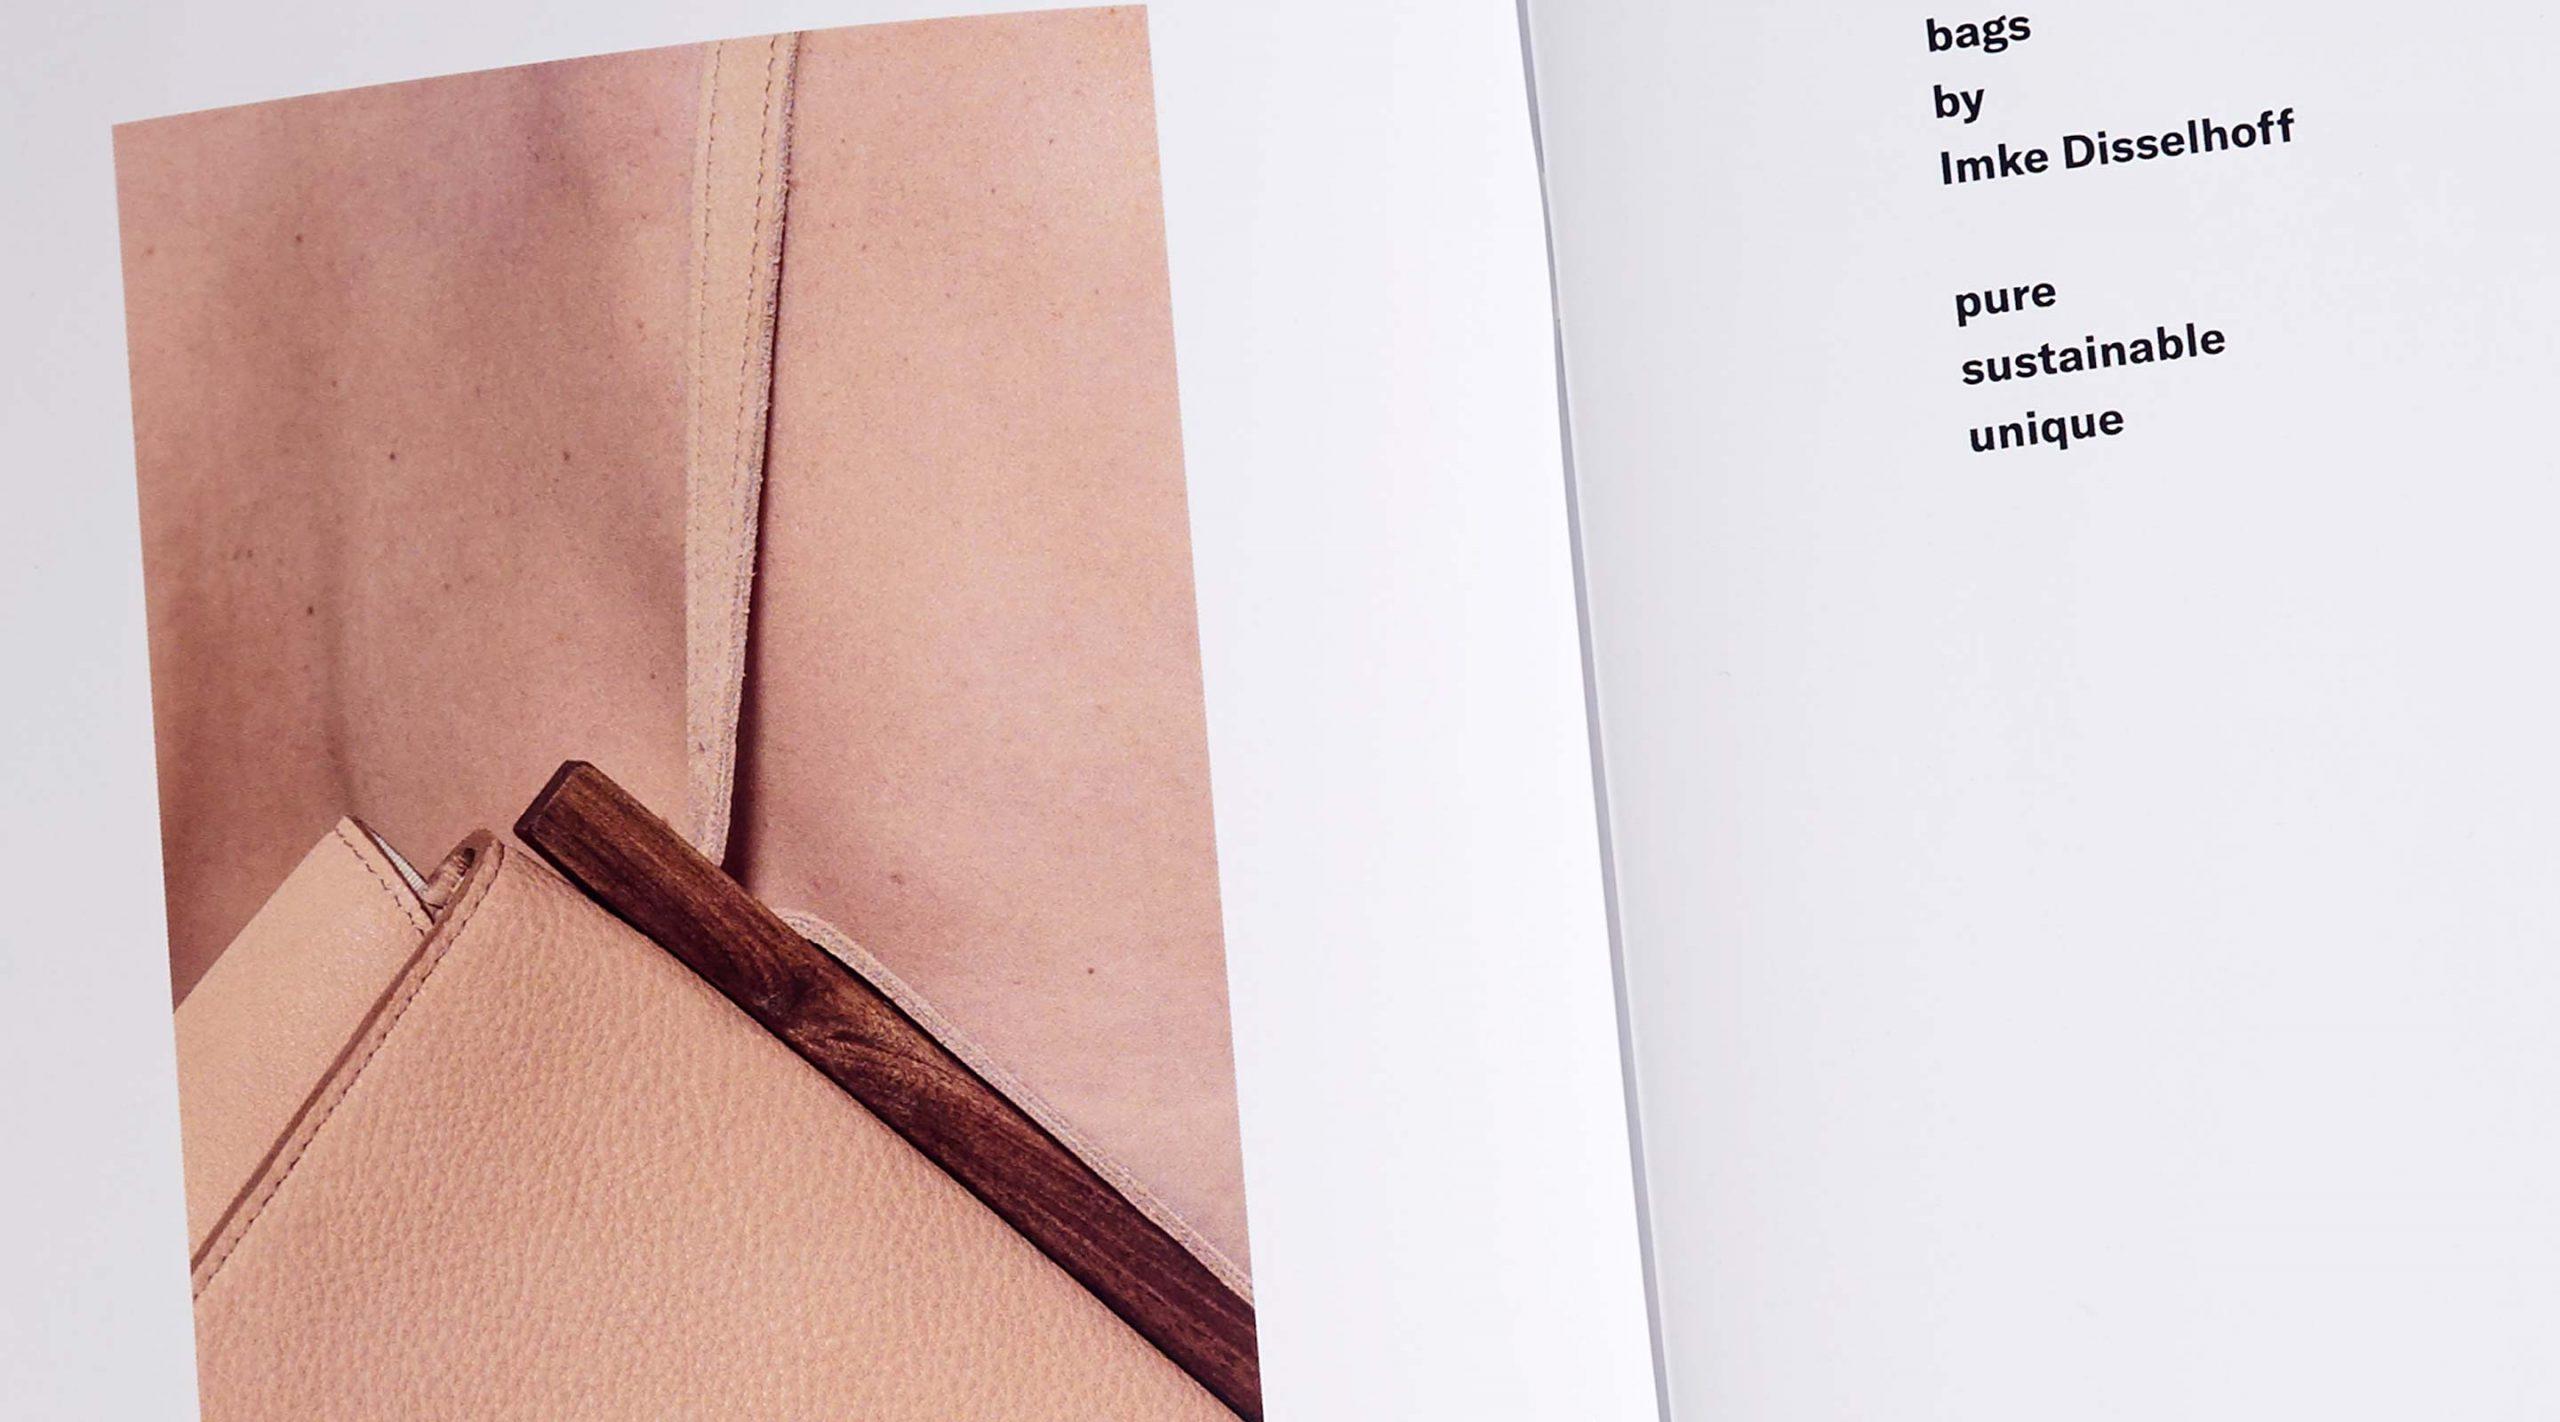 Disselhoff Branding Lookbook Detail – Uthmöller und Partner